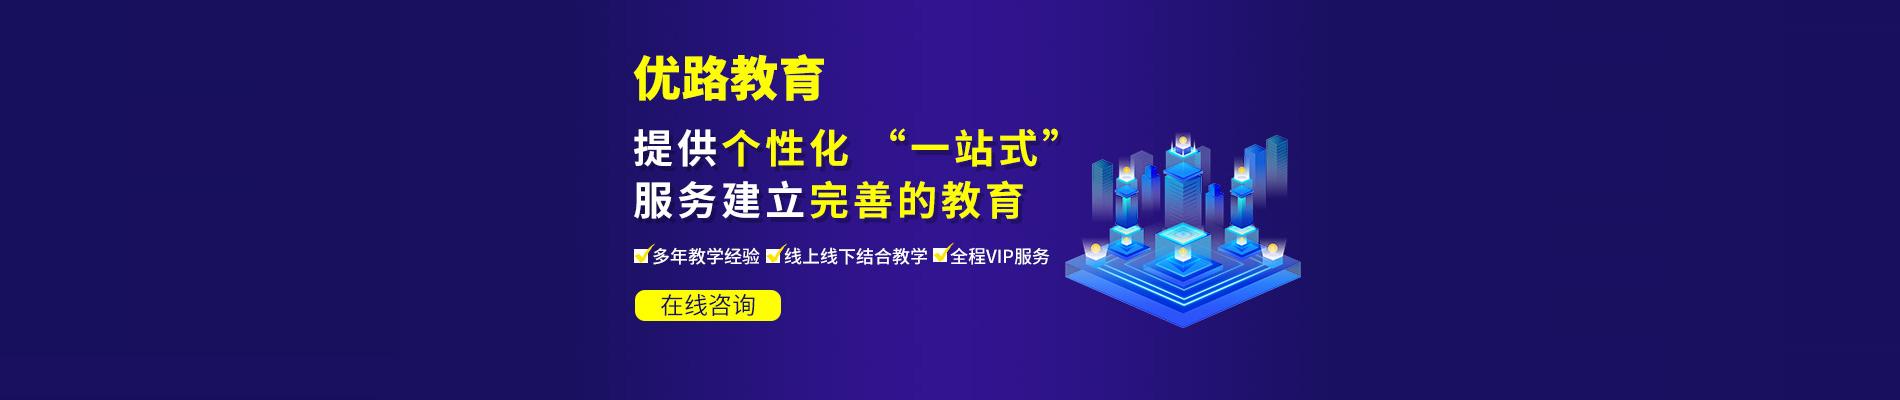 安徽�R鞍山��路教育培��W校